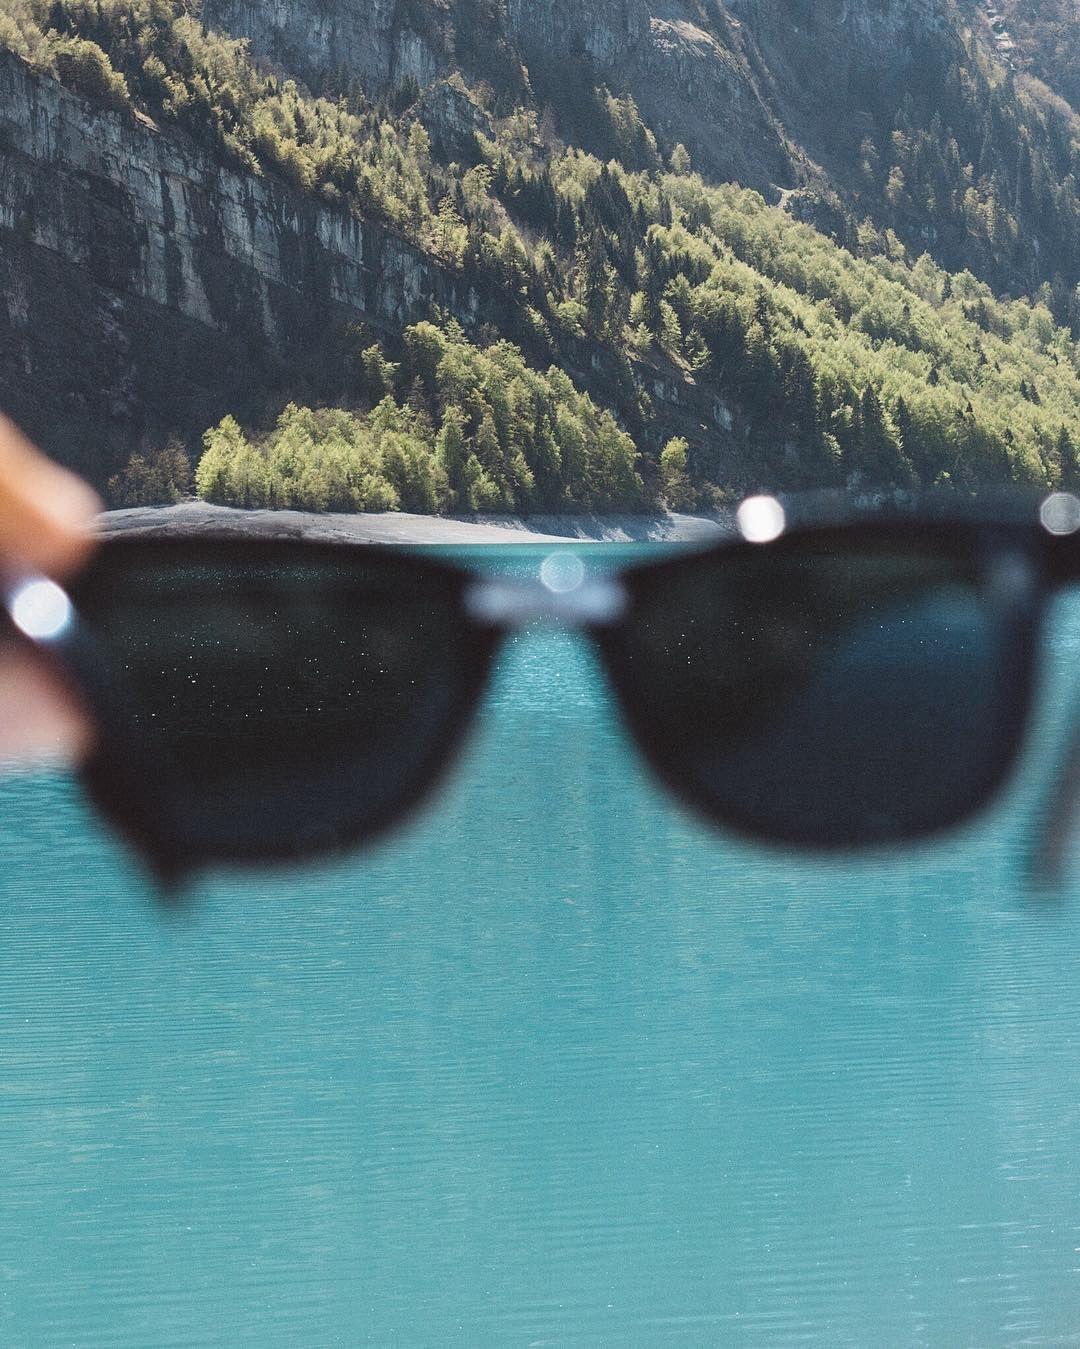 Wenn ich in den Bergen unterwegs bin nehme ich Sonnenbrille immer mit!  Wie schützt du dich vor der Sonne? Zeig es uns: Poste dein Bild bis zum 21.8.16 mit dem Hashtag #janichtrotwerden.  Zu gewinnen gibts u.a. eine GoPro ein Fitbit oder Kopfhorer. Mehr Infos findest du hier: @janichtrotwerden.ch Re-post by Hold With Hope